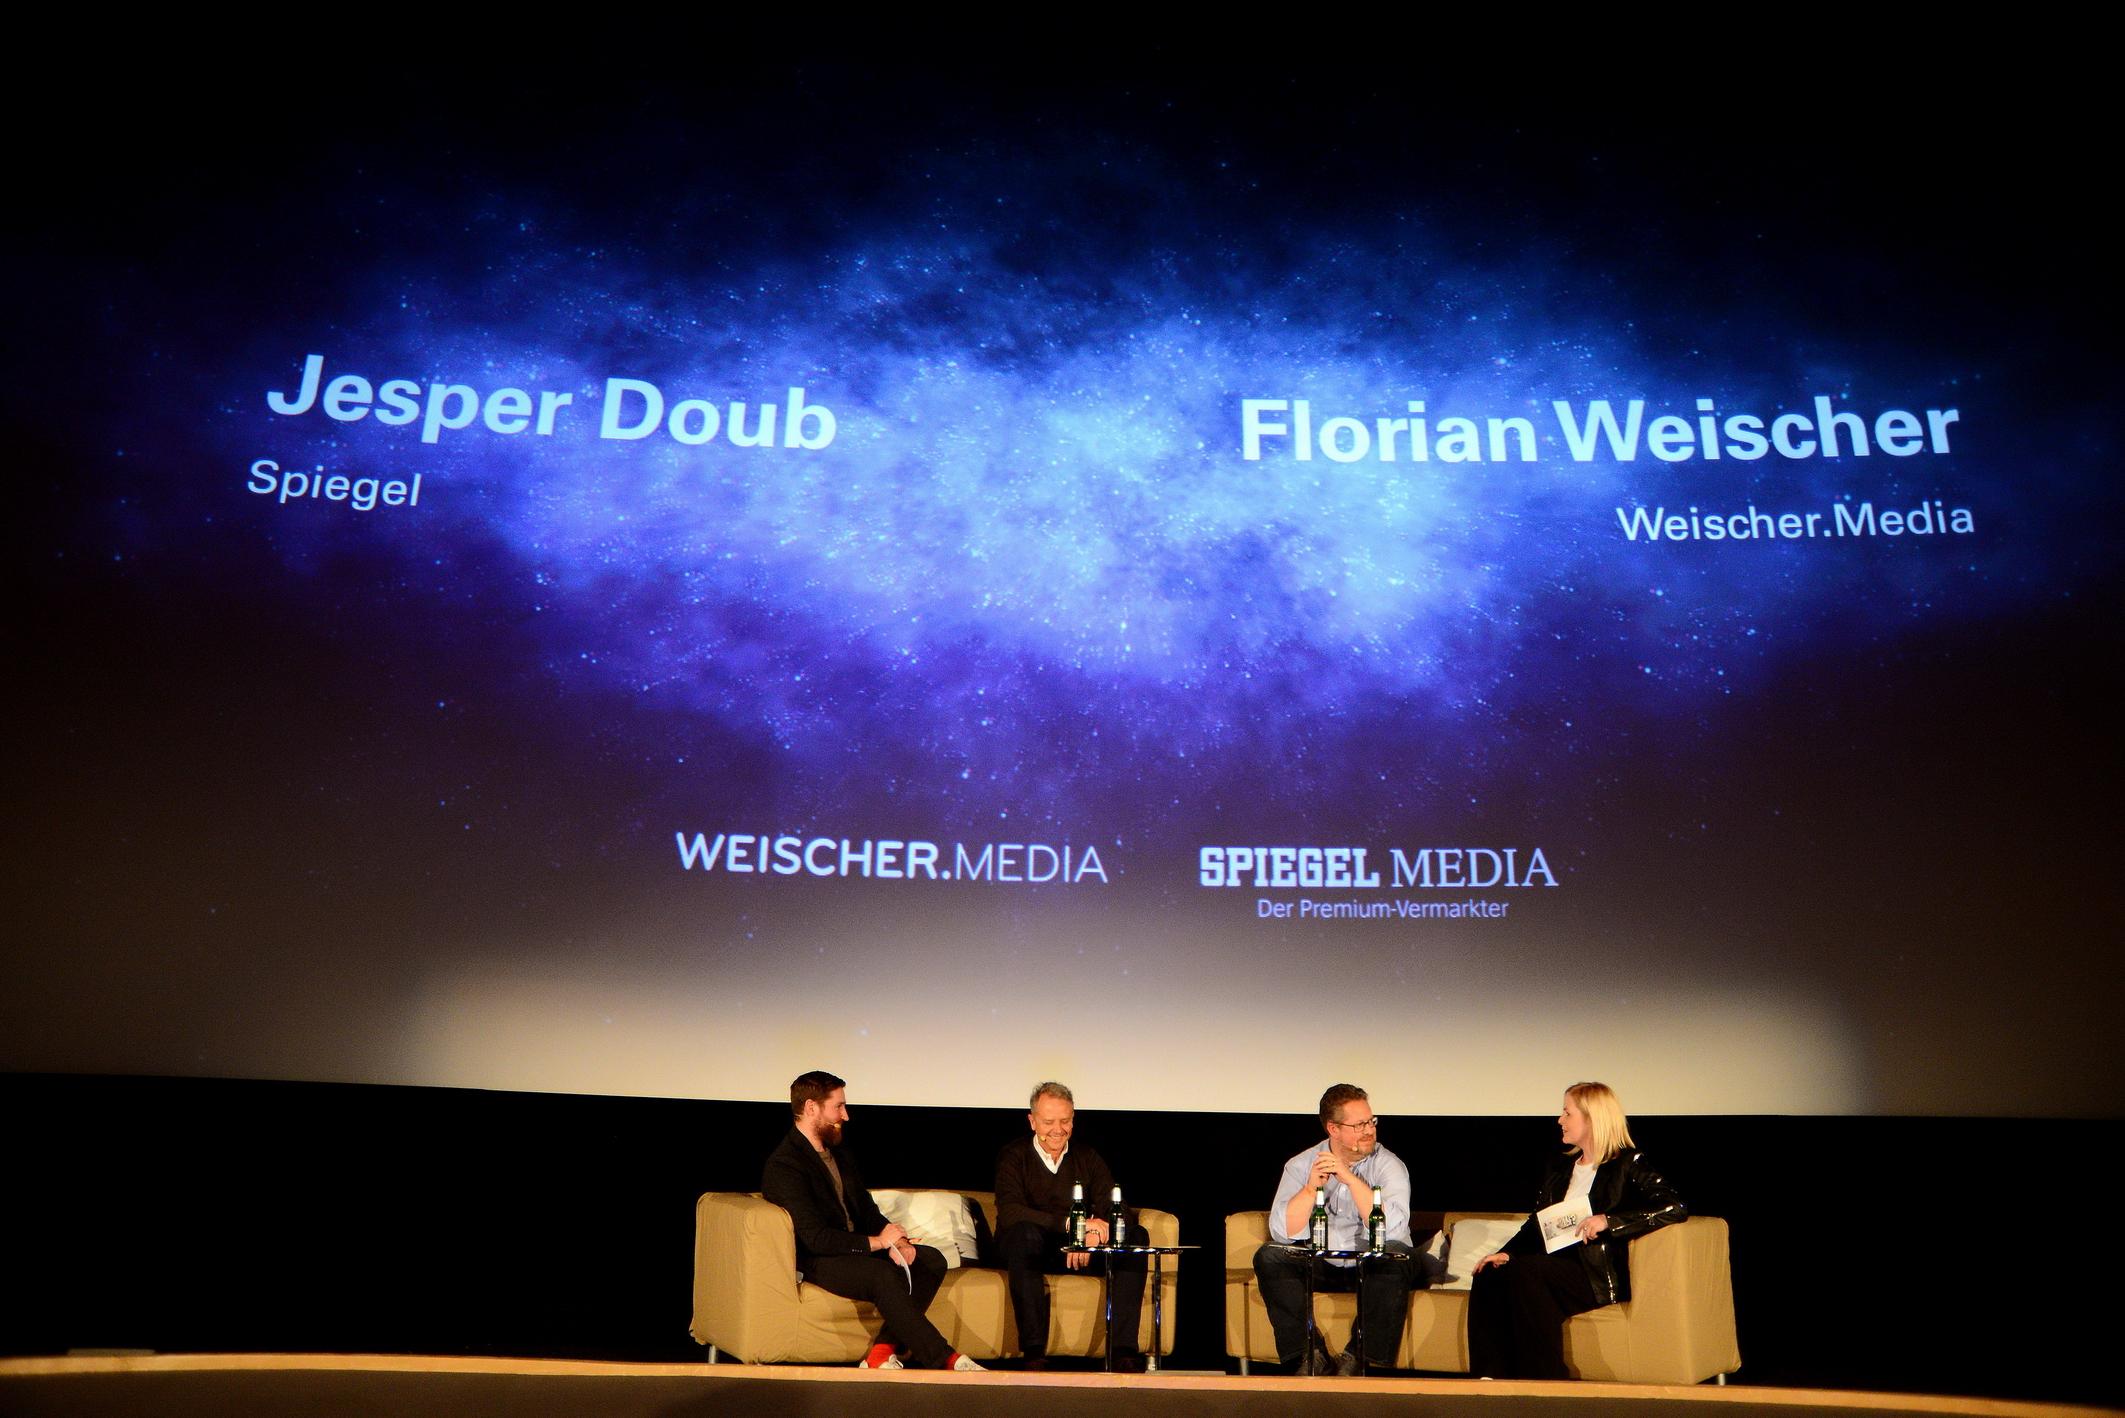 Foto: Michael B. Rehders Große Bühne: Die Moderatoren Franziska und Mo interviewten Florian Weischer (Weischer. Media) und Jesper Doub (Spiegel.Media).